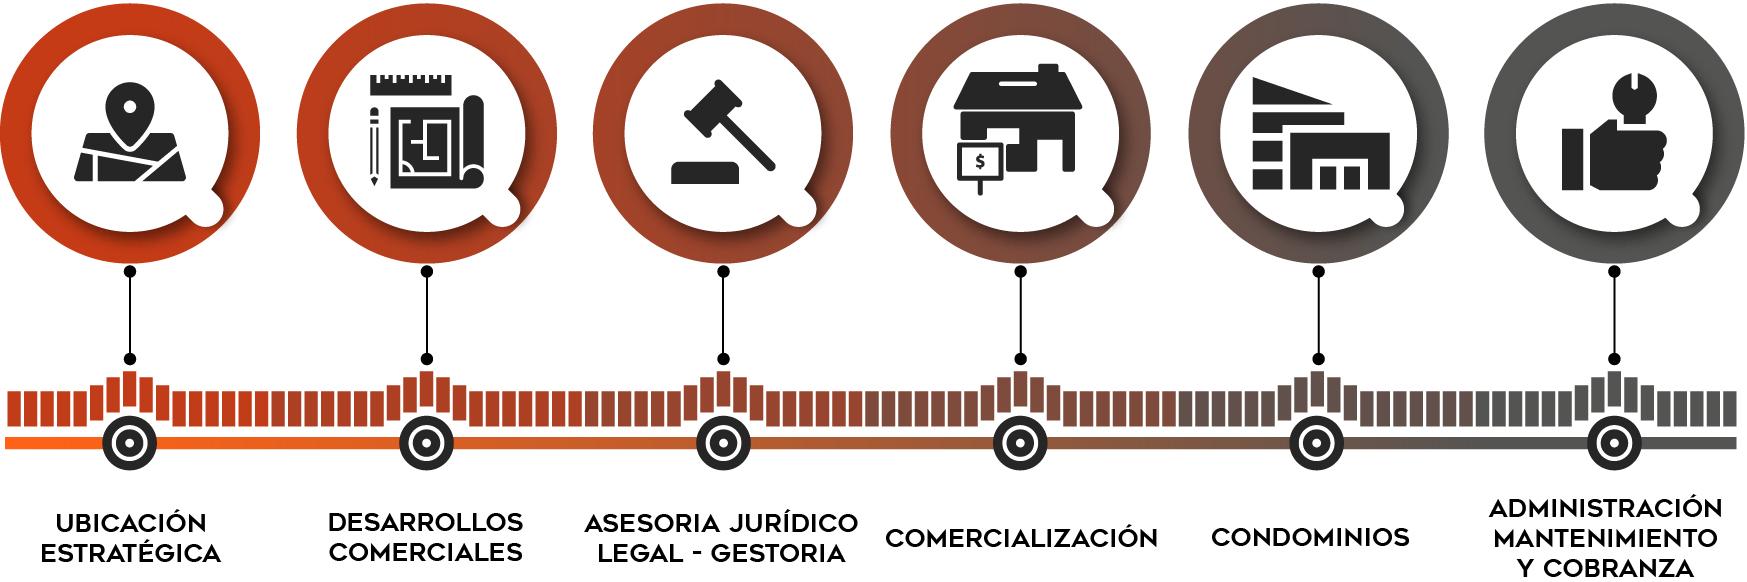 MBS Modelo de Gestión Inmobiliaria